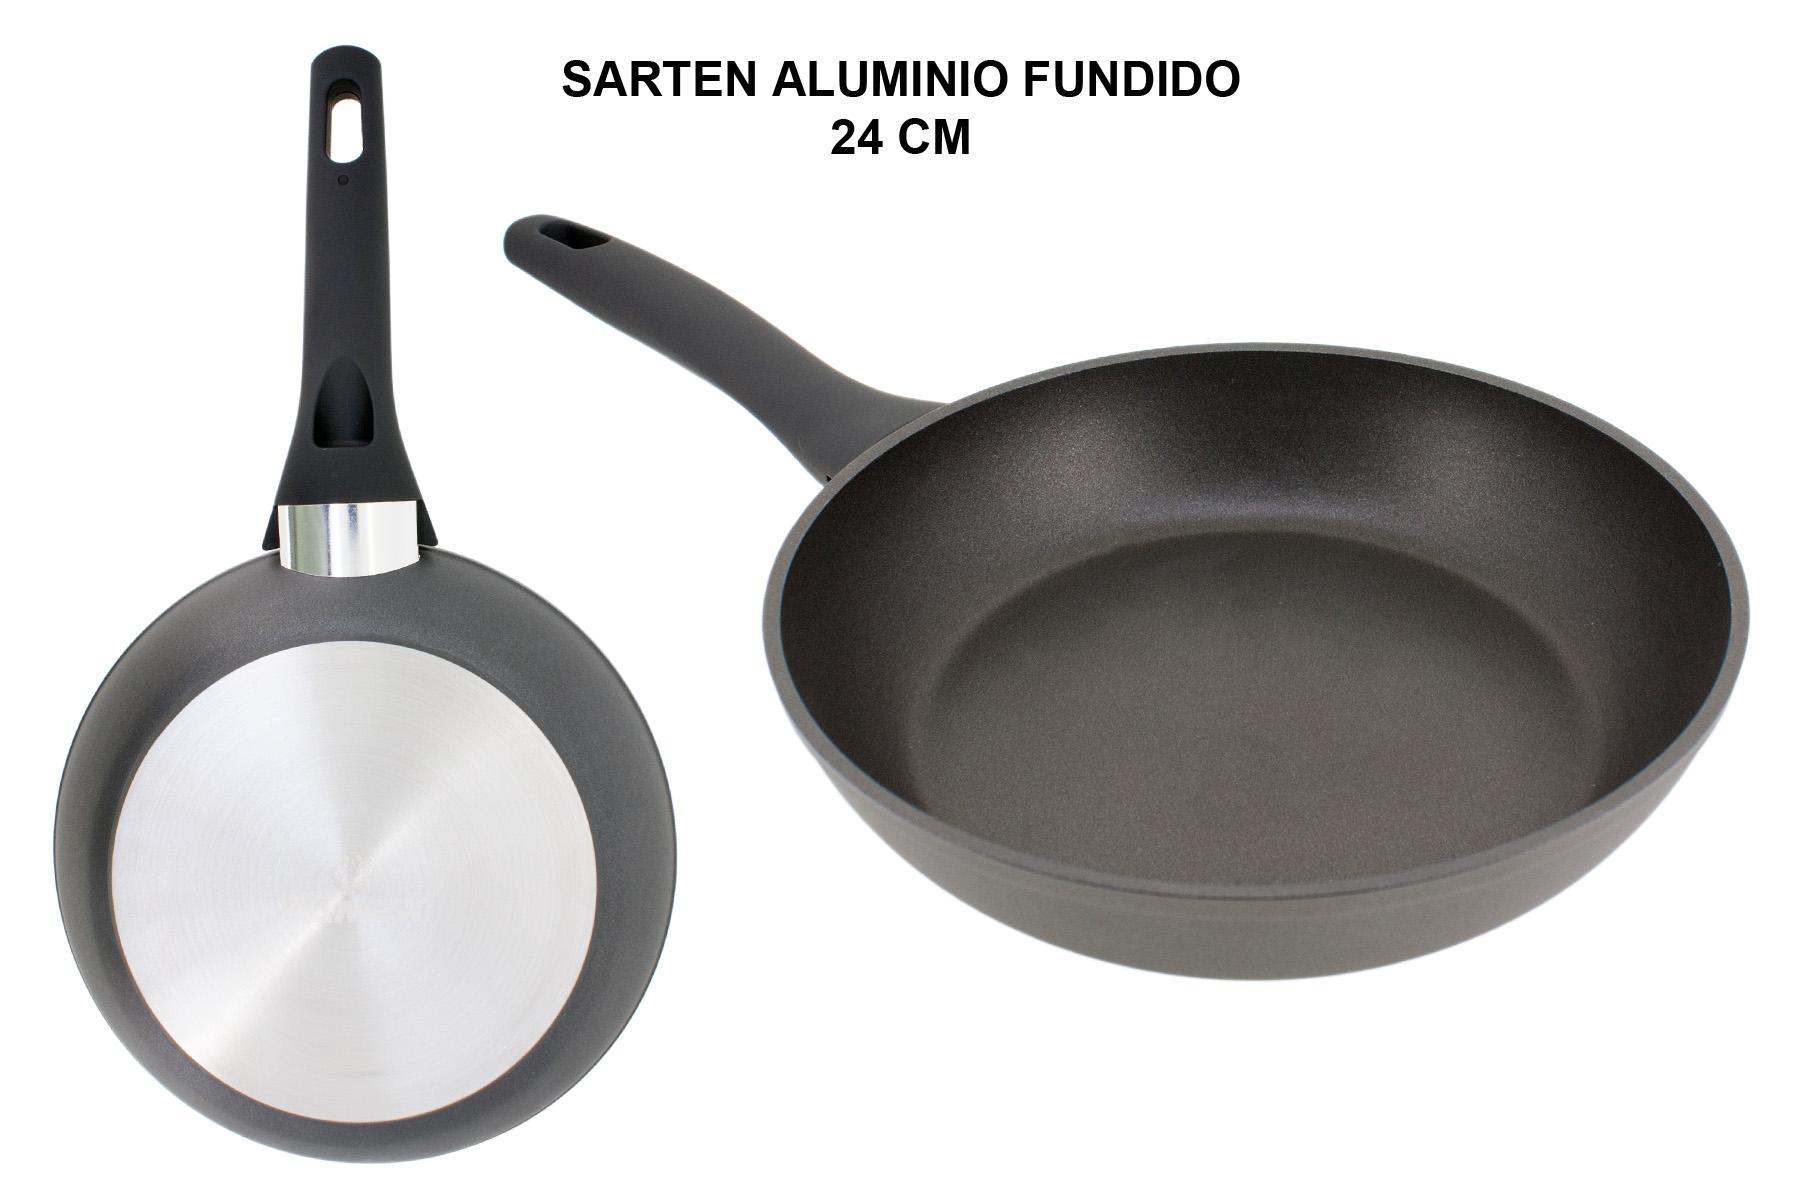 SARTEN ALUMINIO FUNDIDO FULL INDUCTION 24 CM